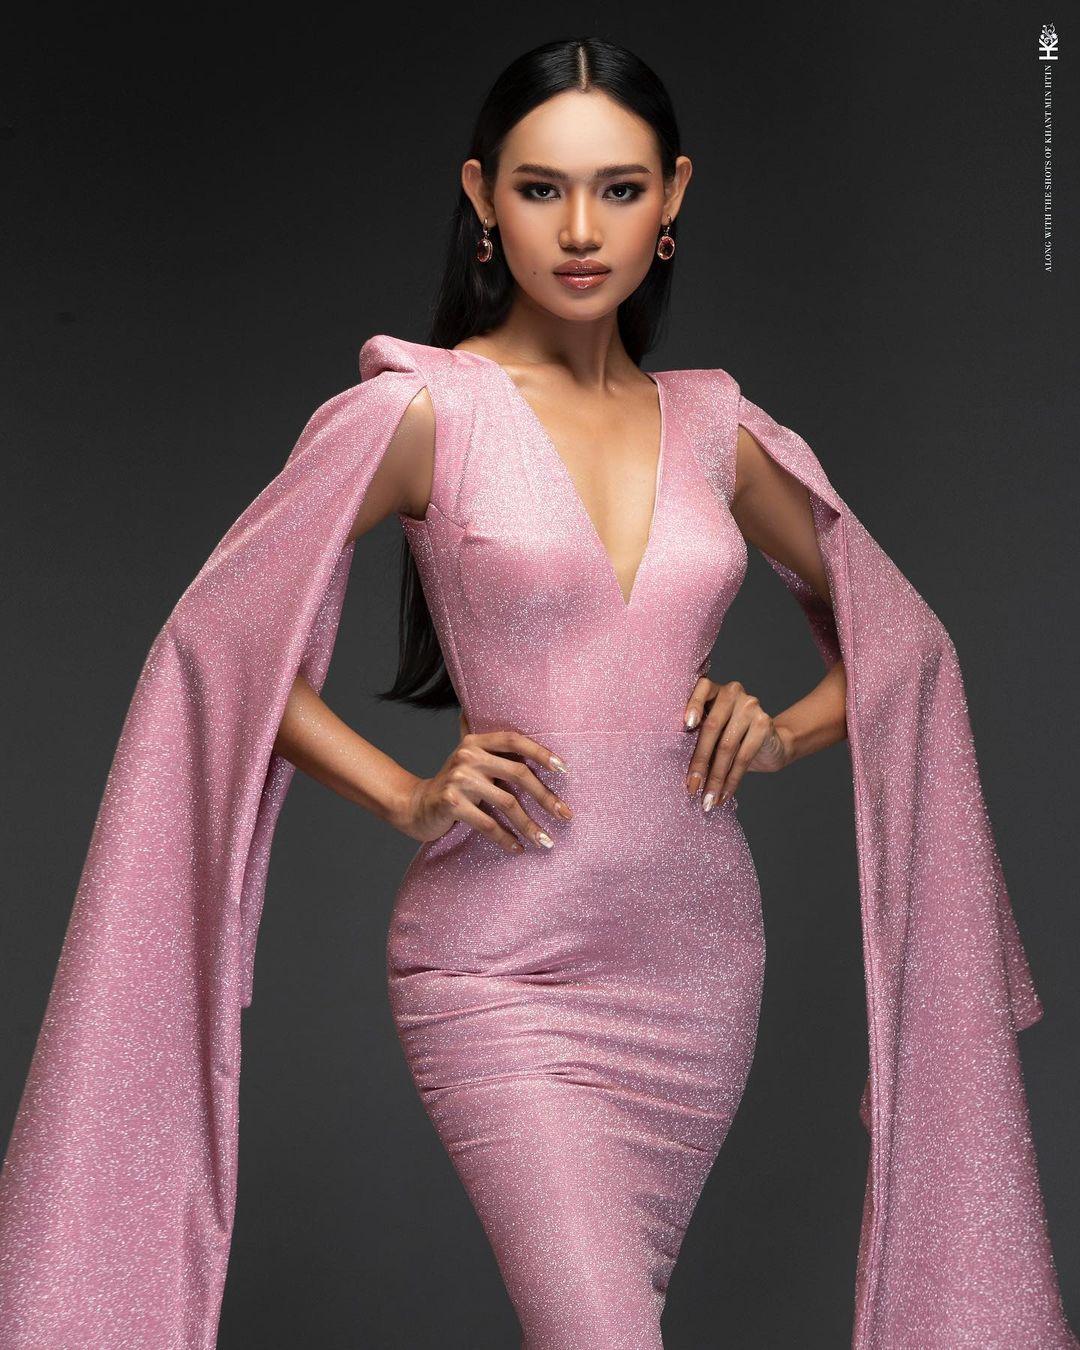 Trong cuộc thi Hoa hậu Hoàn vũ Myanmar năm ngoái, cô được đánh giá cao nhờ gương mặt đẹp, nụ cười rạng rỡ và khả năng ứng xử thông minh. Ảnh: Miss Grand.